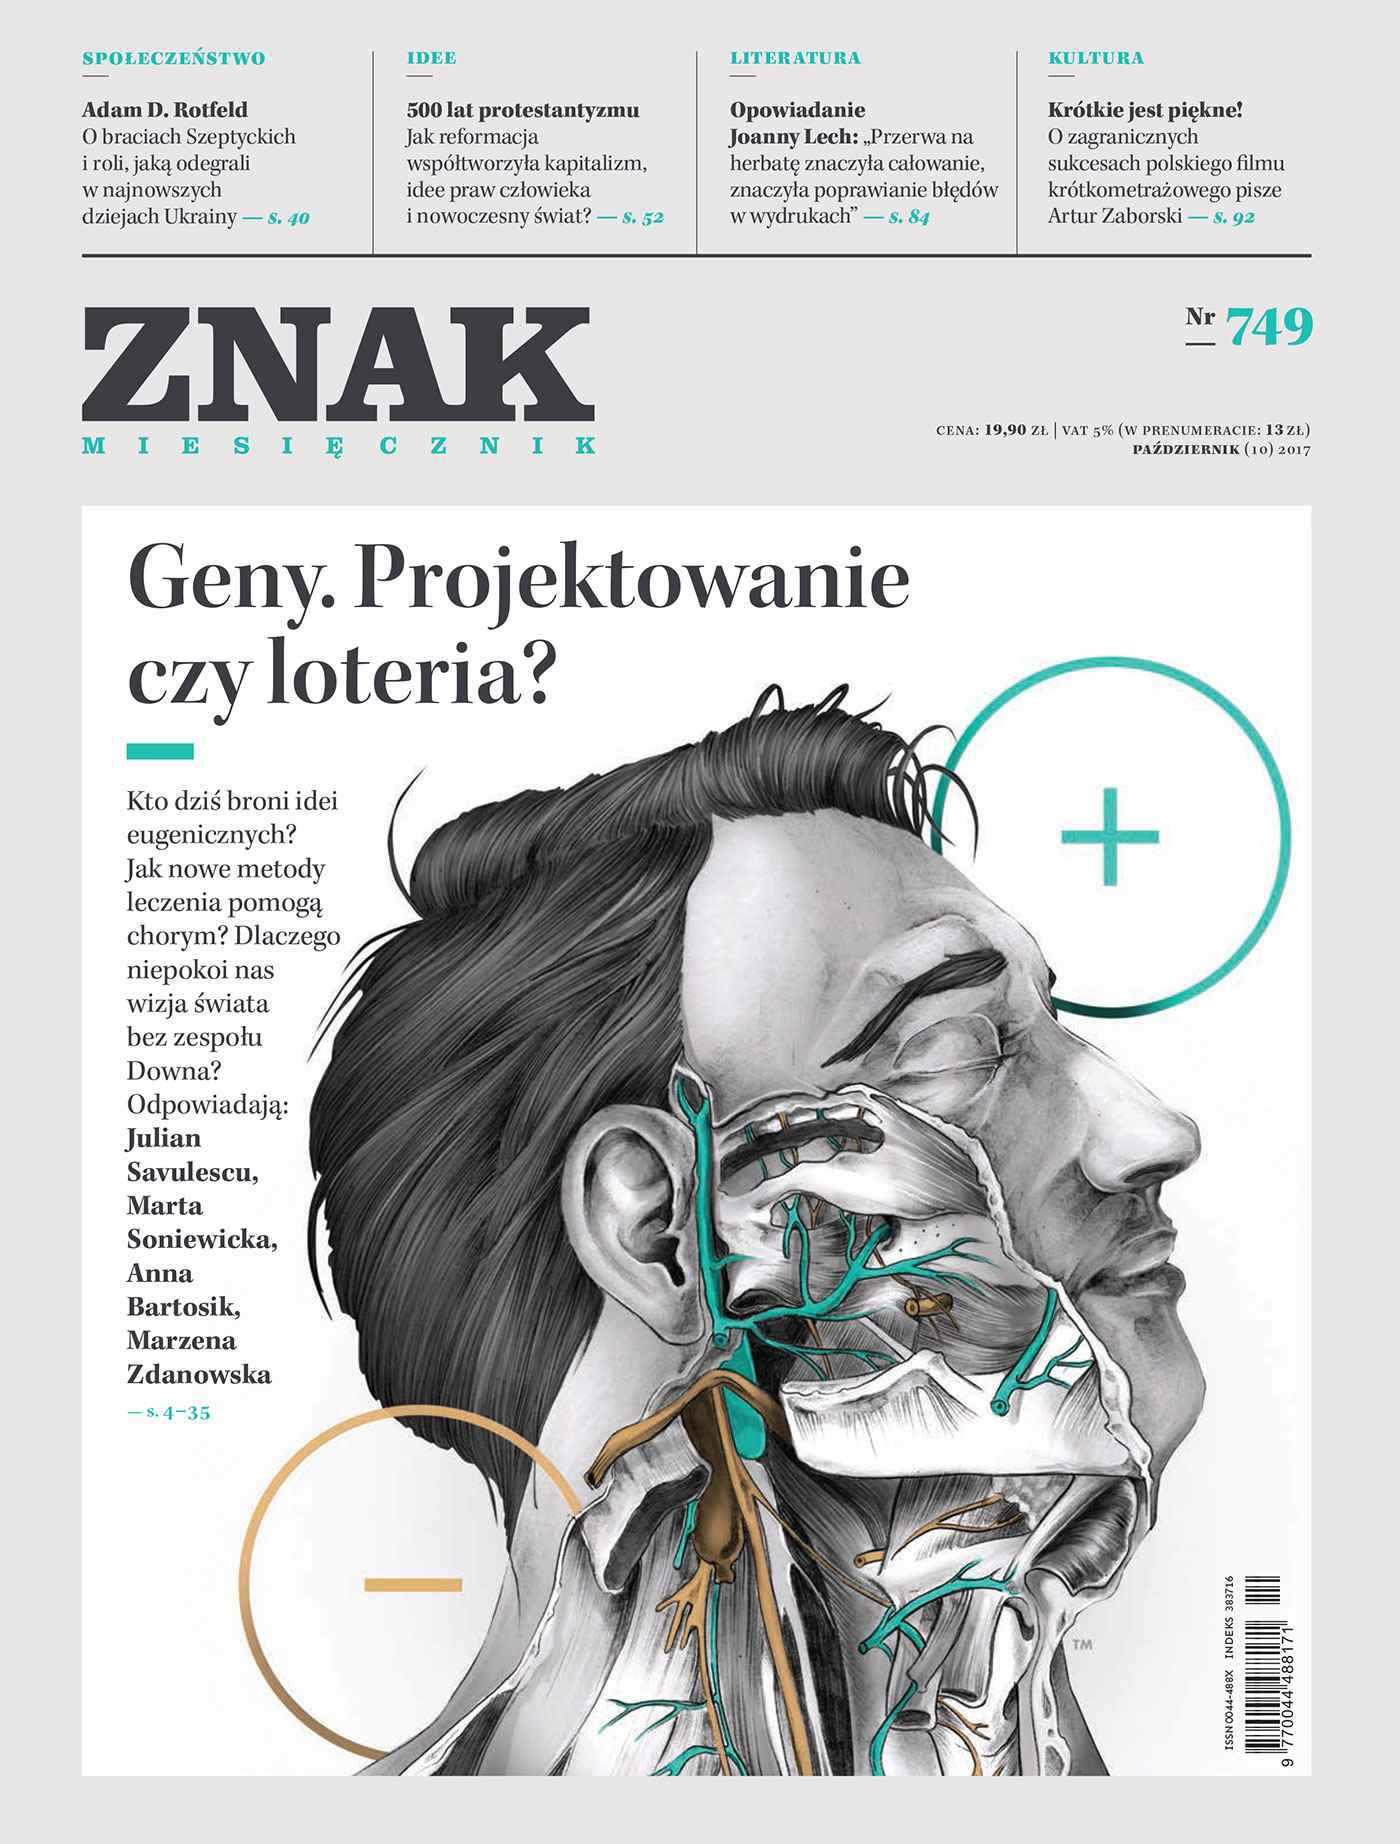 Miesięcznik Znak nr 749 Geny. Projektowanie czy loteria? - Ebook (Książka PDF) do pobrania w formacie PDF